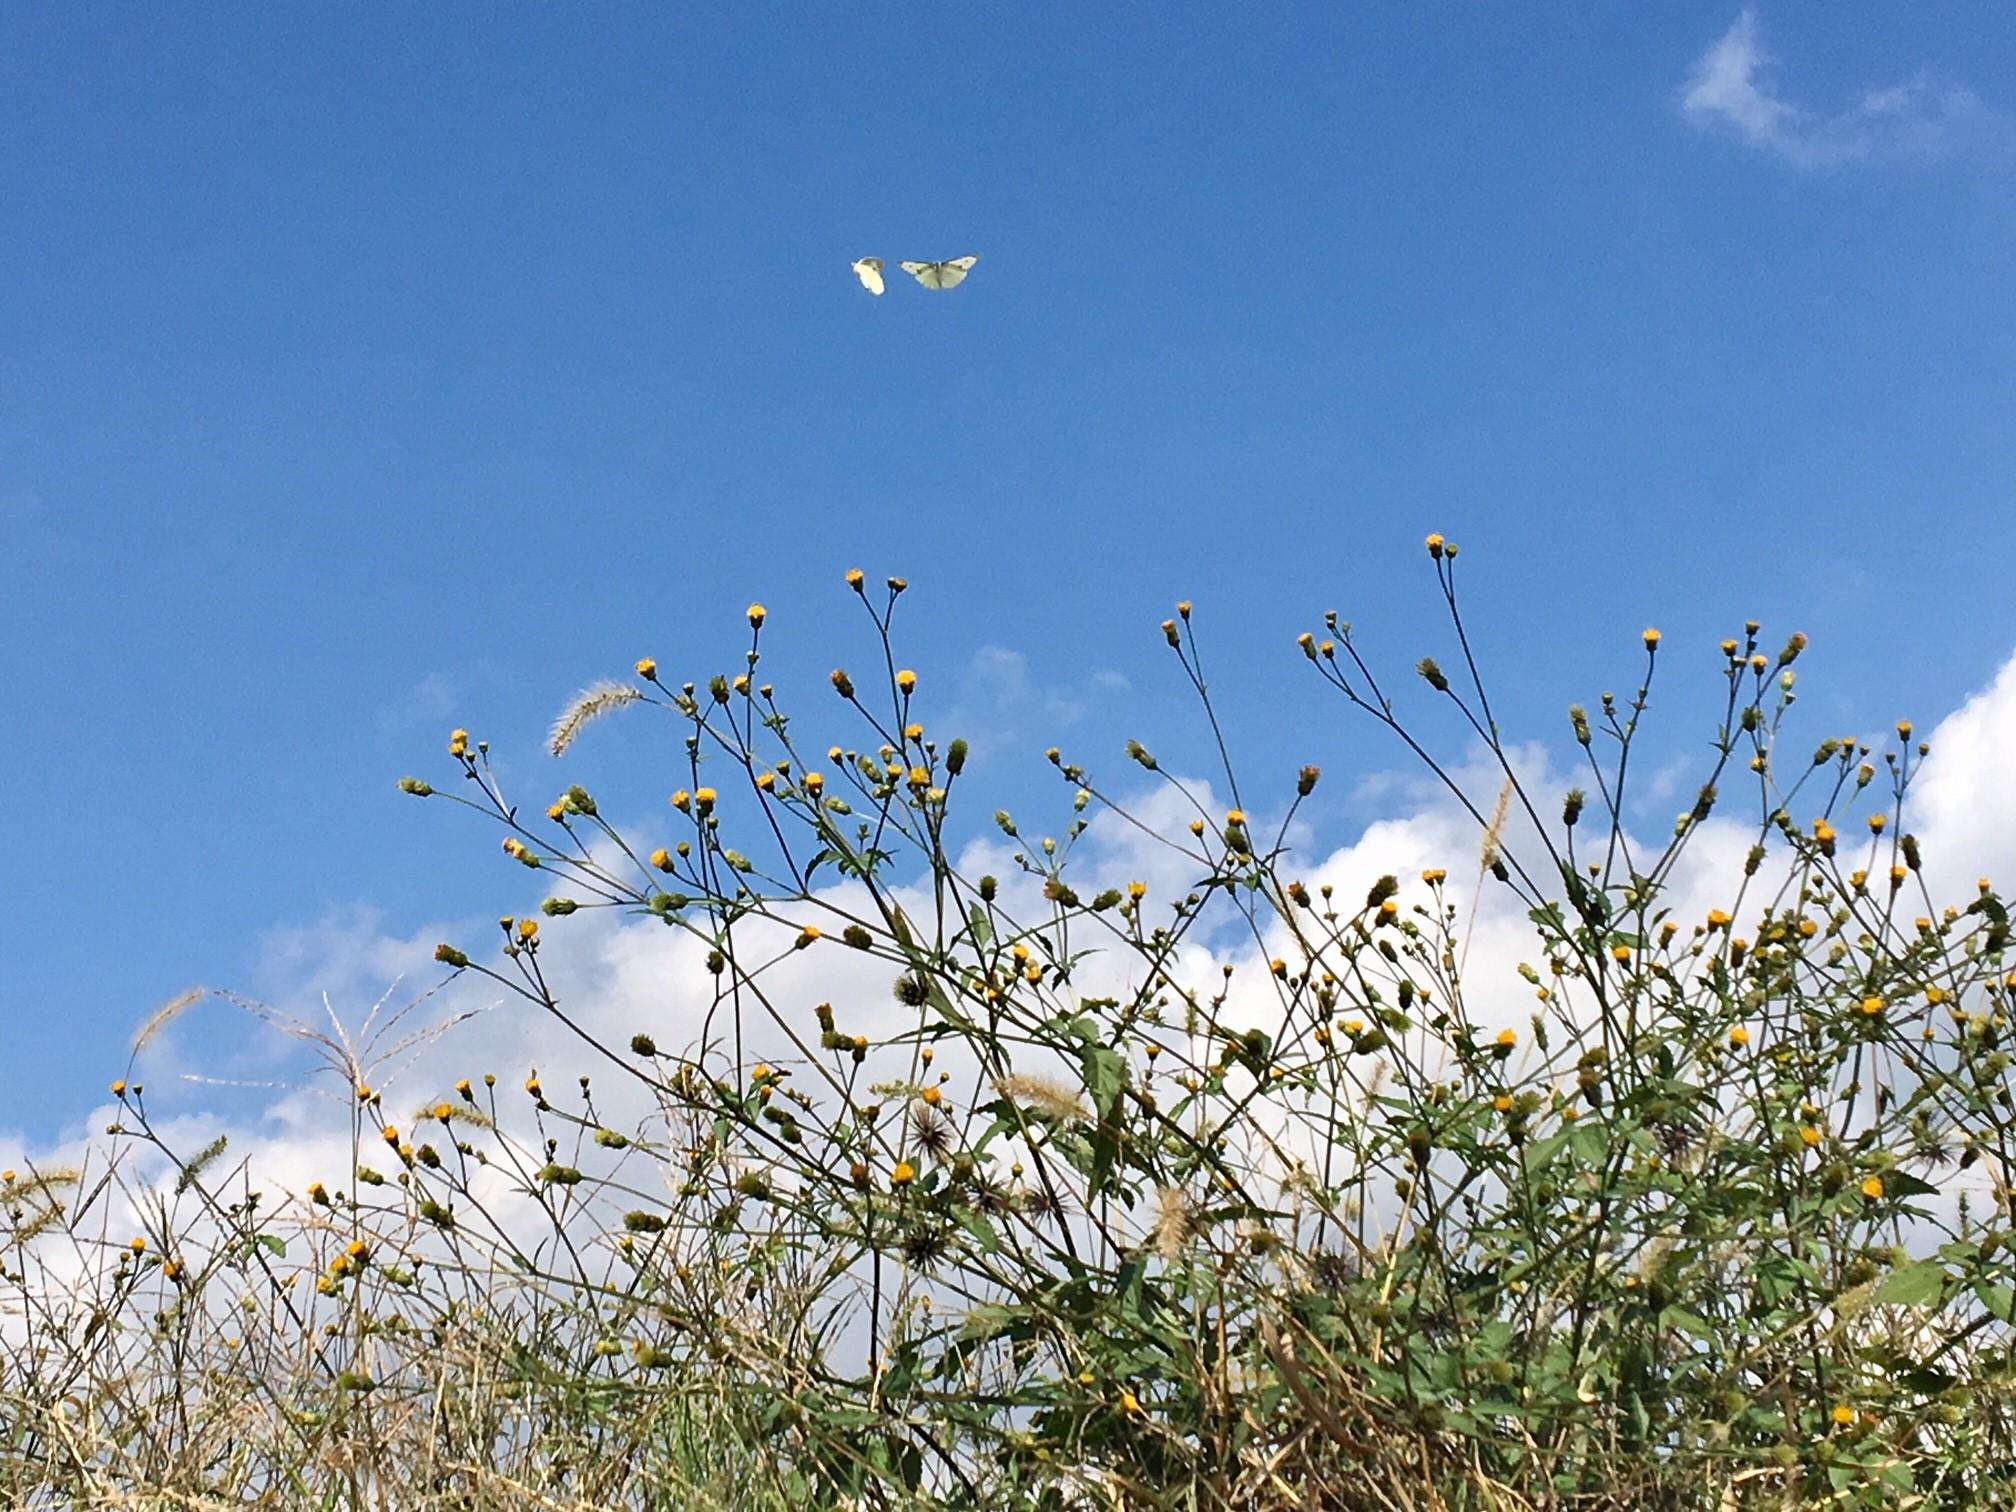 空に舞い上がる蝶2匹